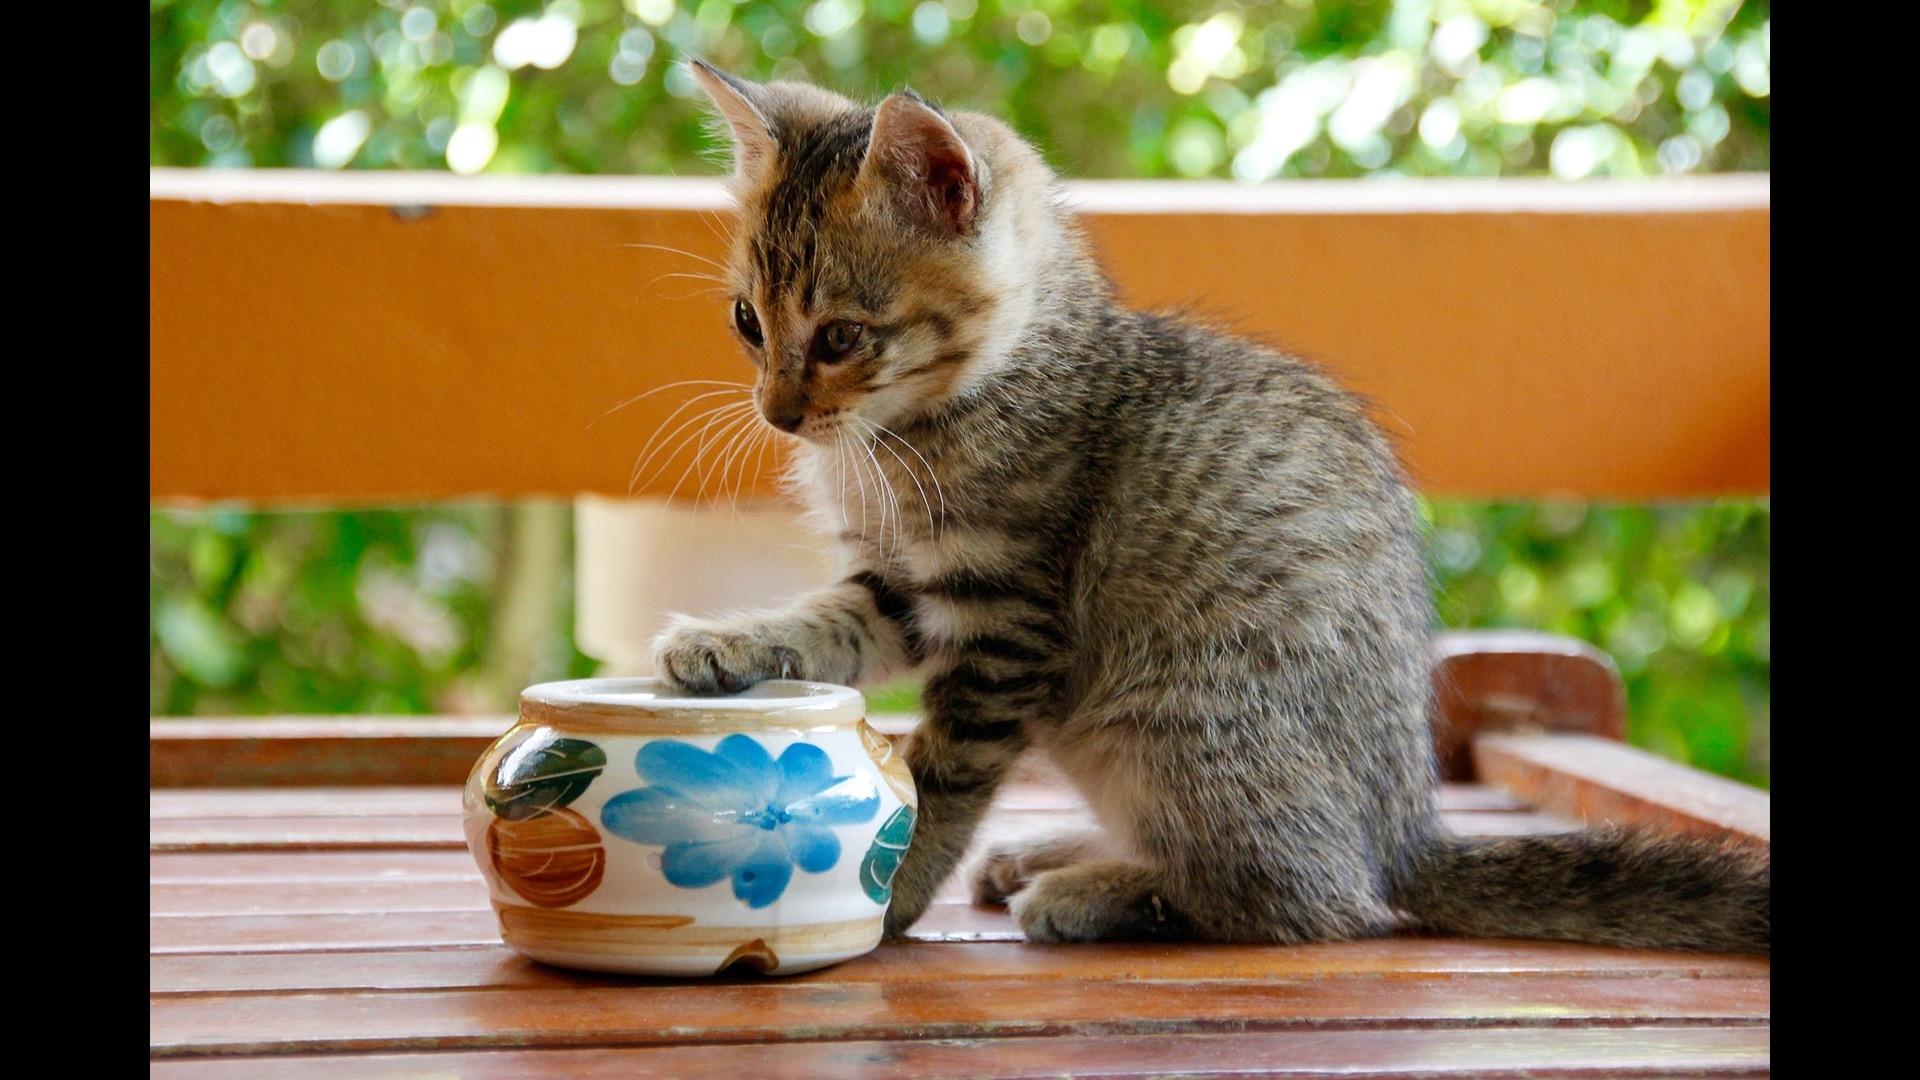 kitten and jar